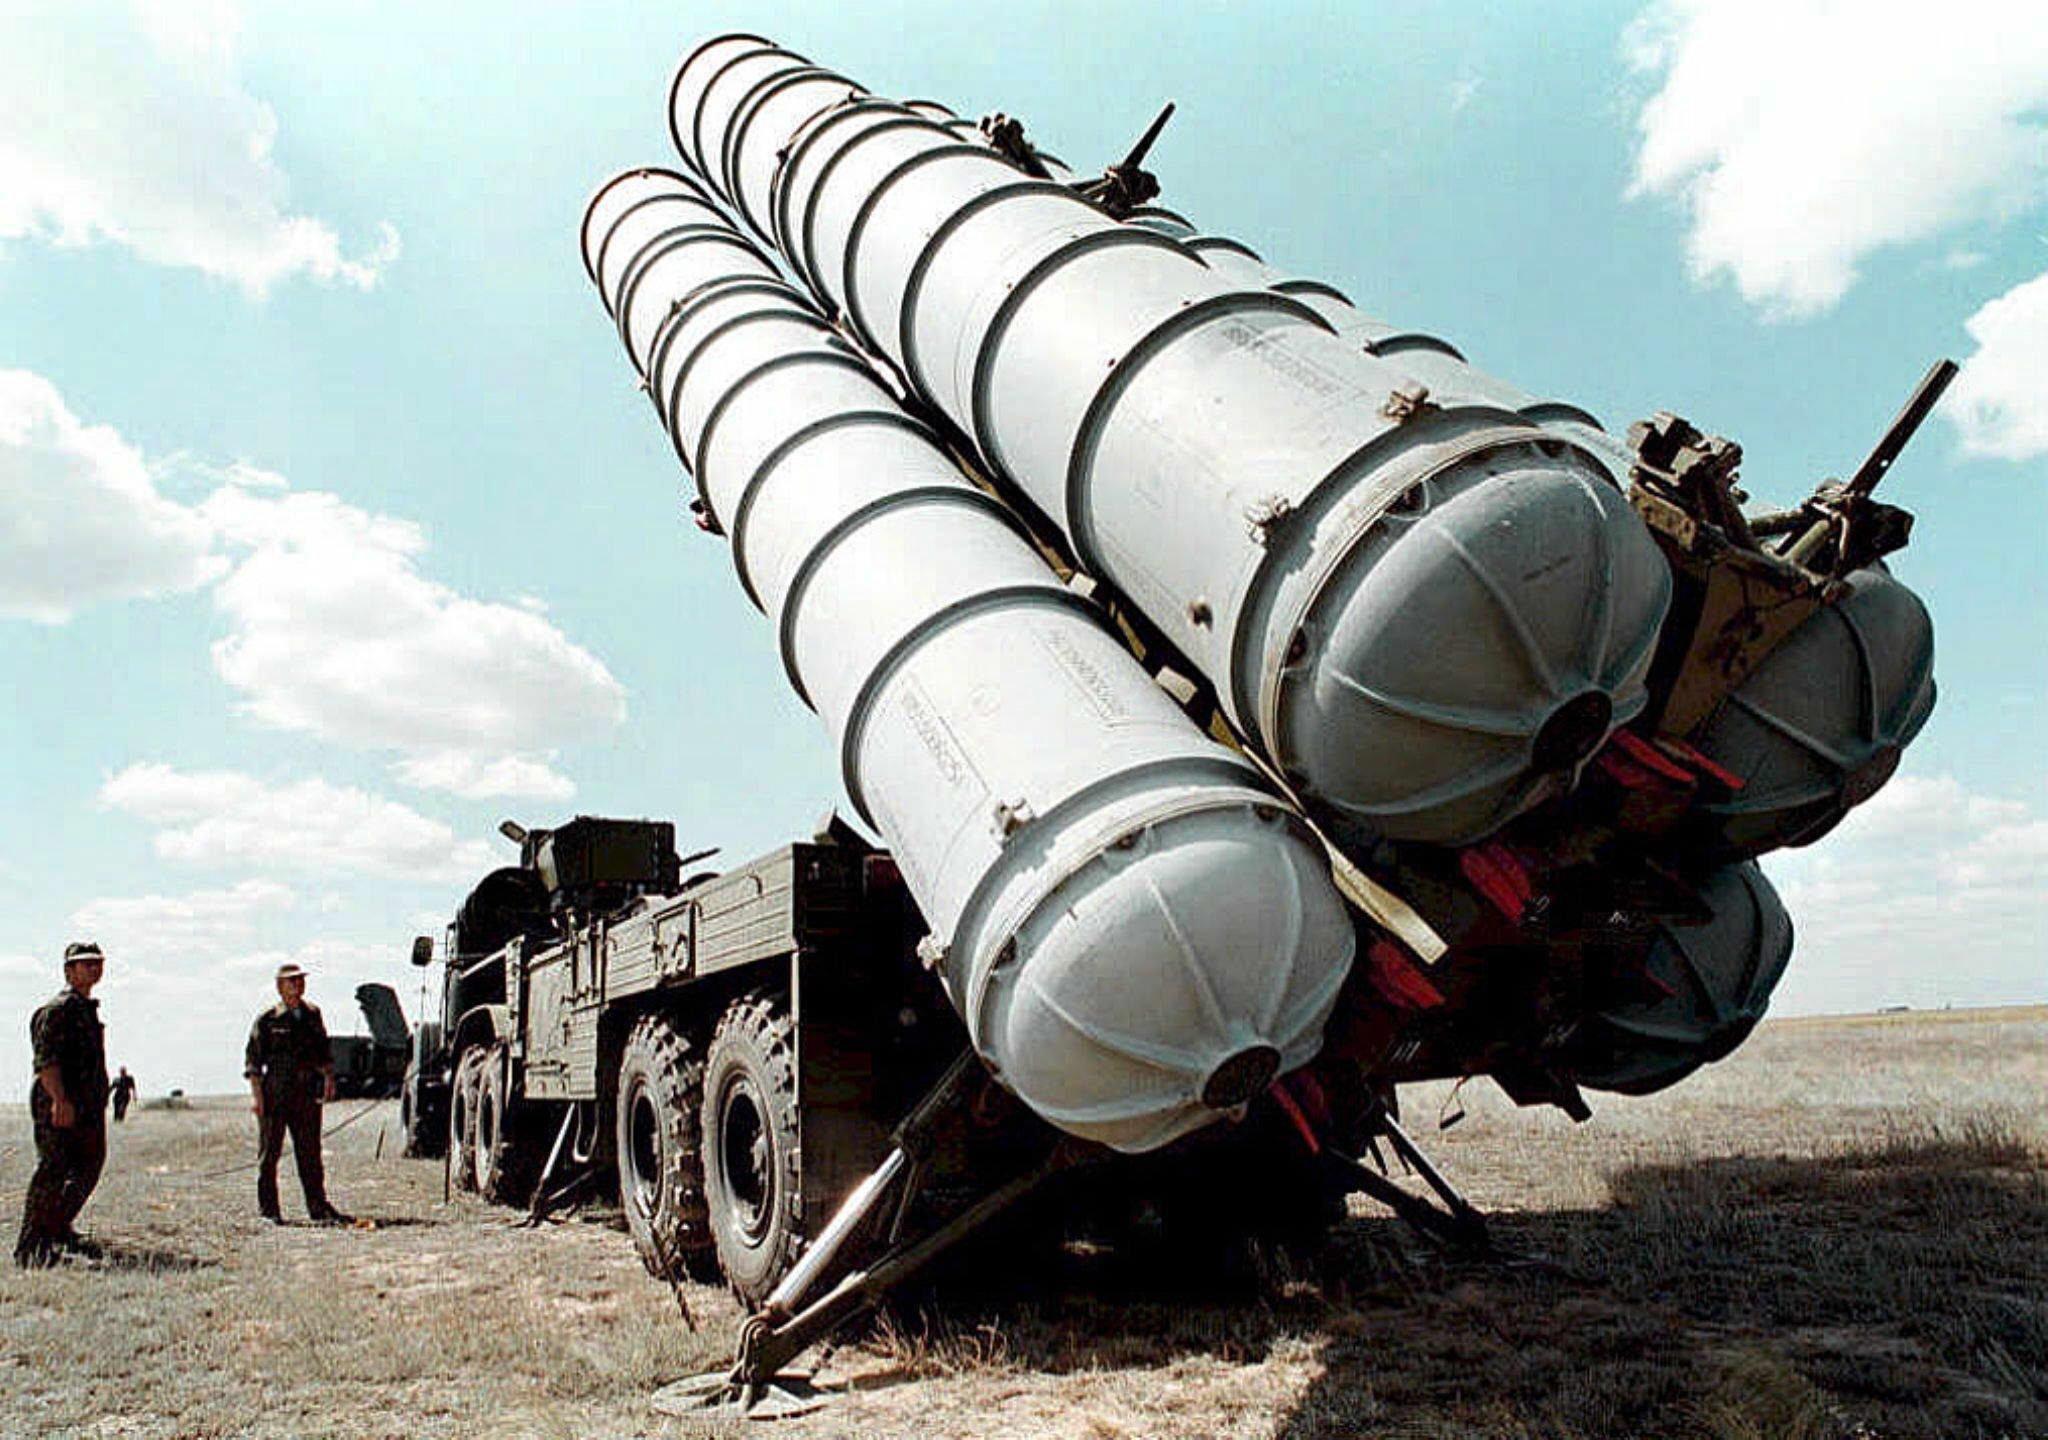 美国总统顾问:向叙供应S300 俄方欲使局势升级